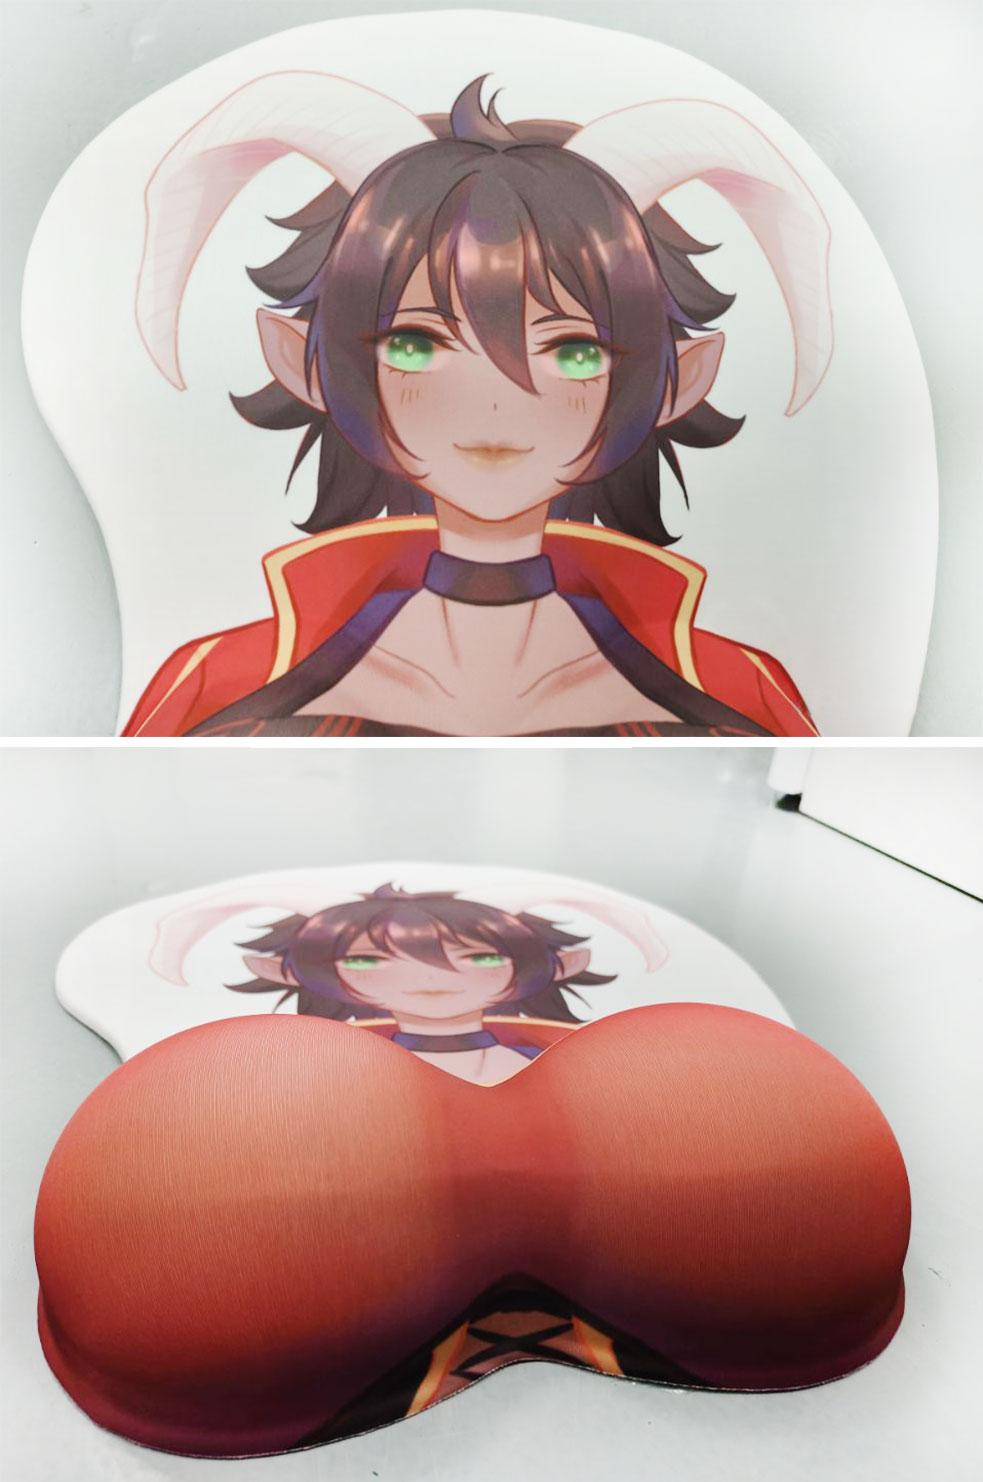 dva life size oppai mousepad dva giant oppai mouse pad 5376 - Anime Mousepads